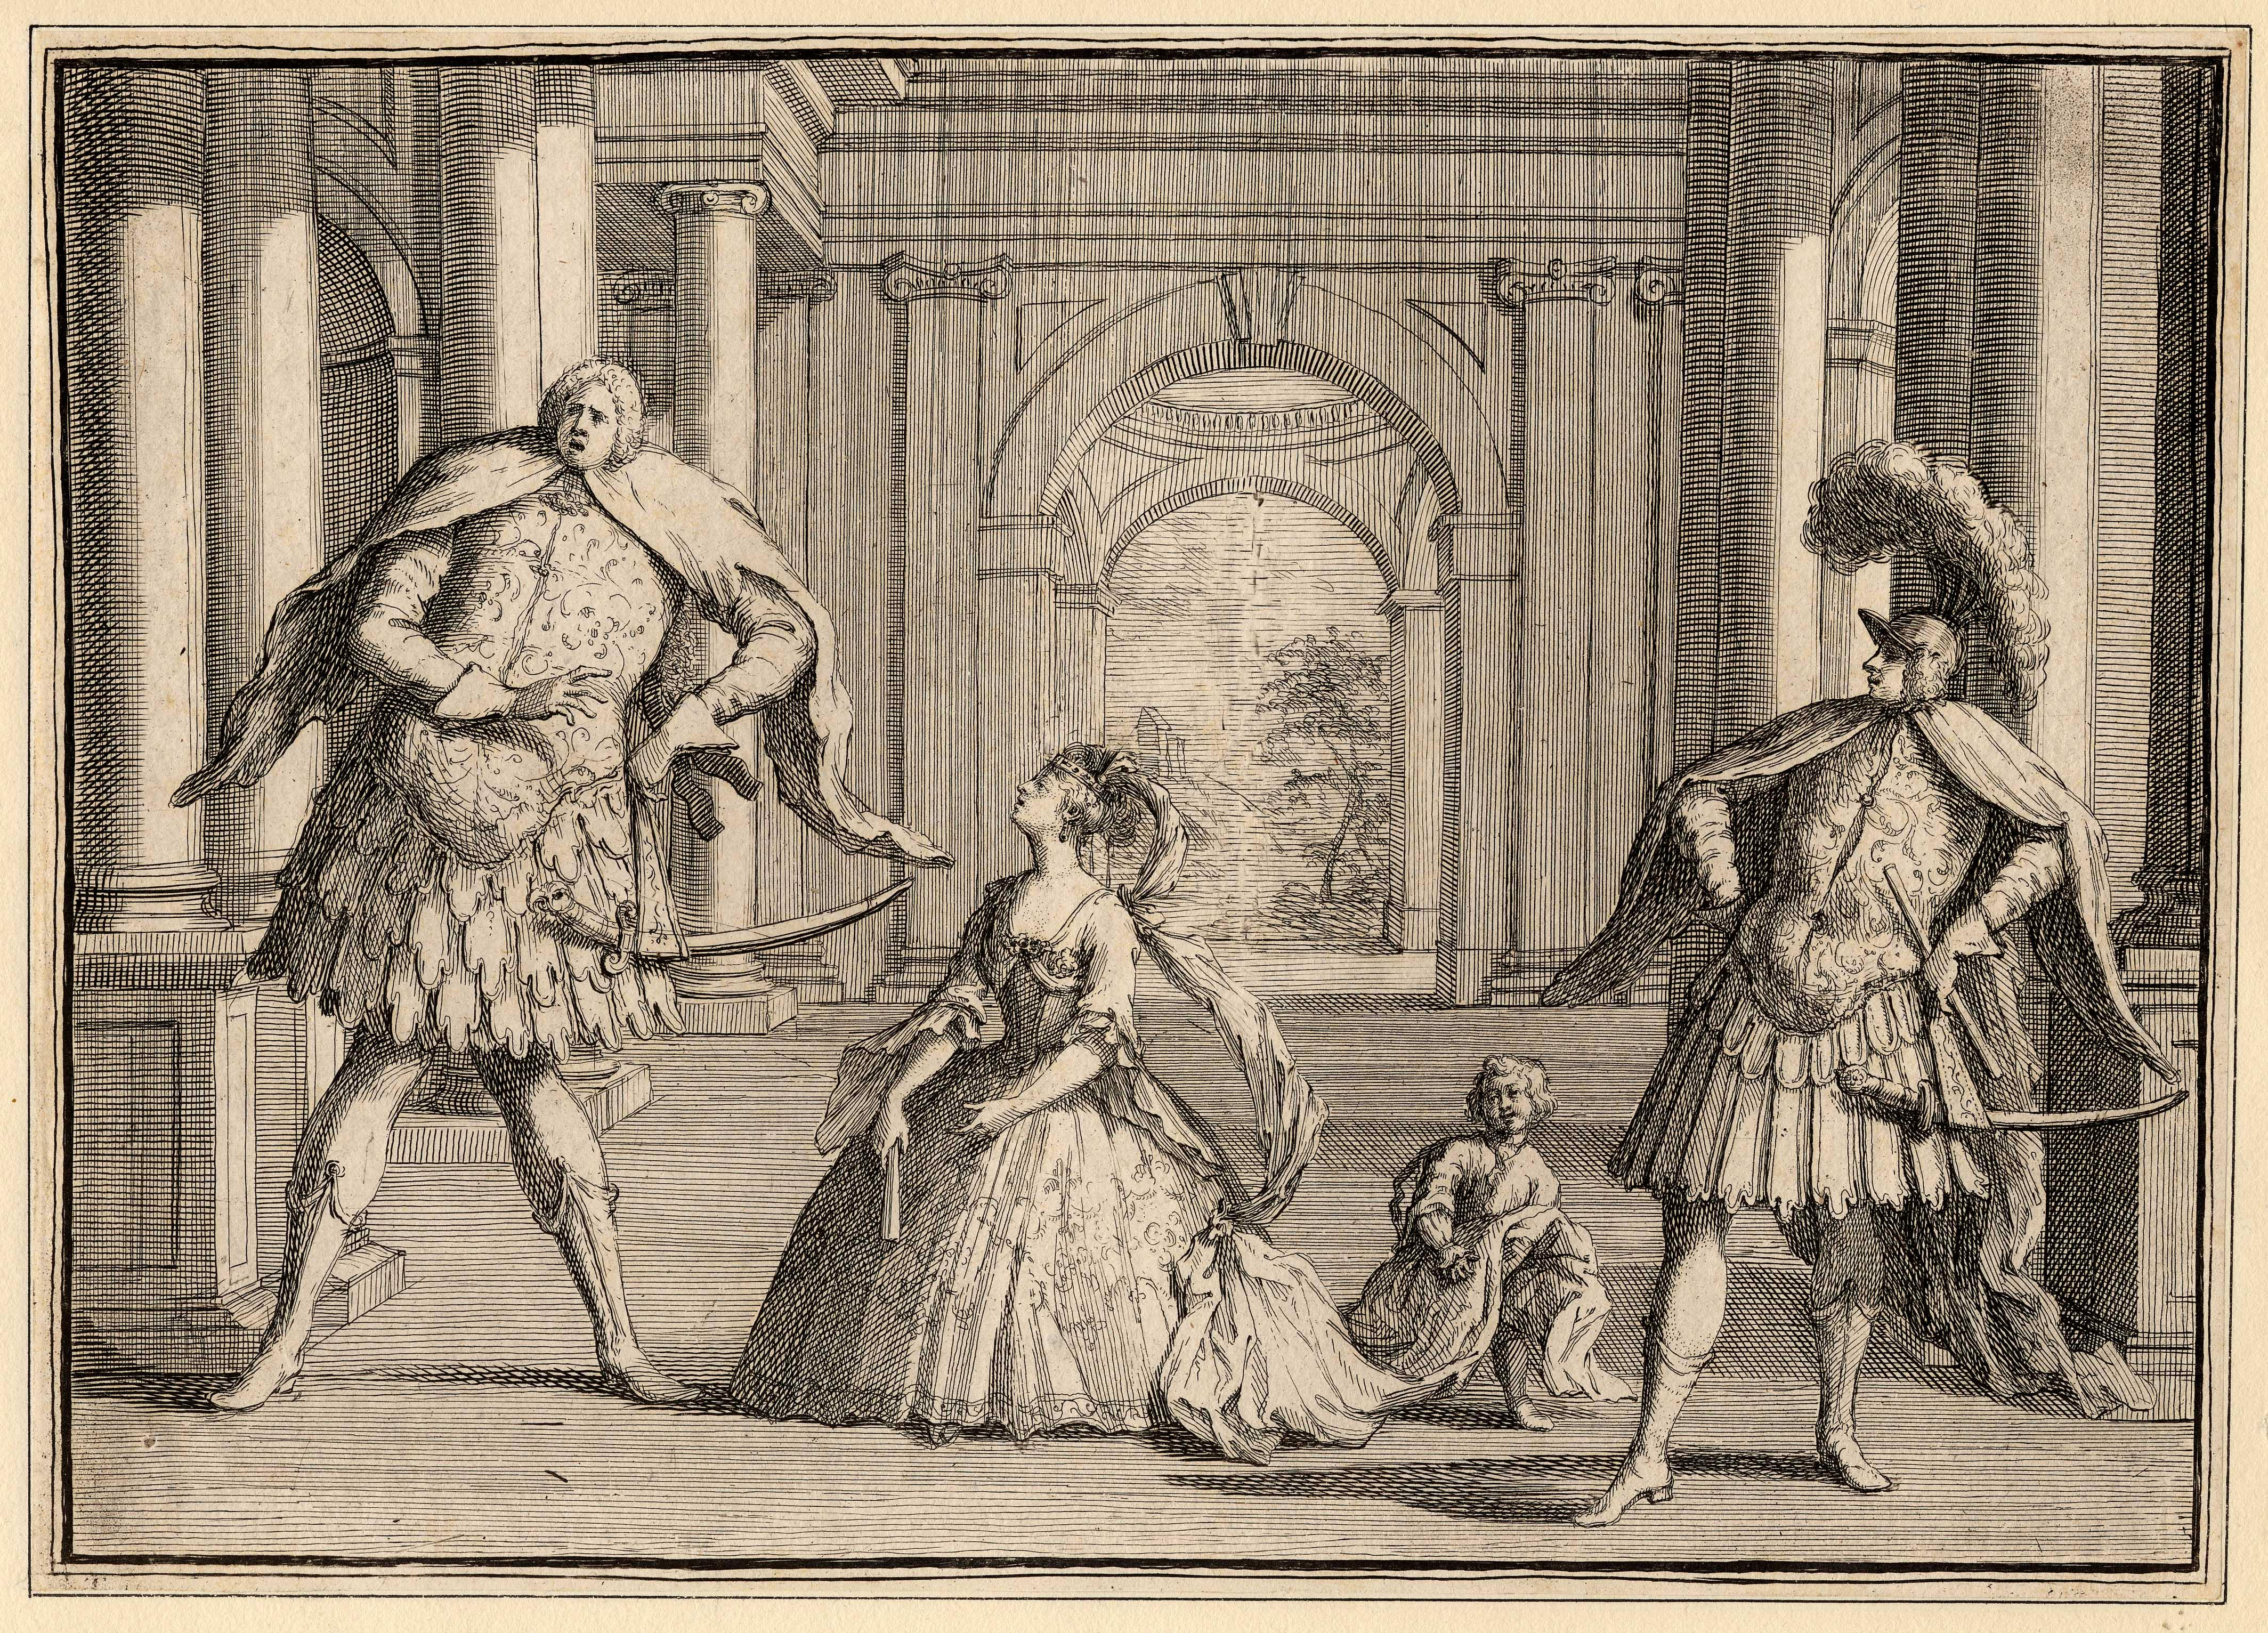 Senesino,_Cuzzoni,_Berenstadt.JPG (4256×3064)